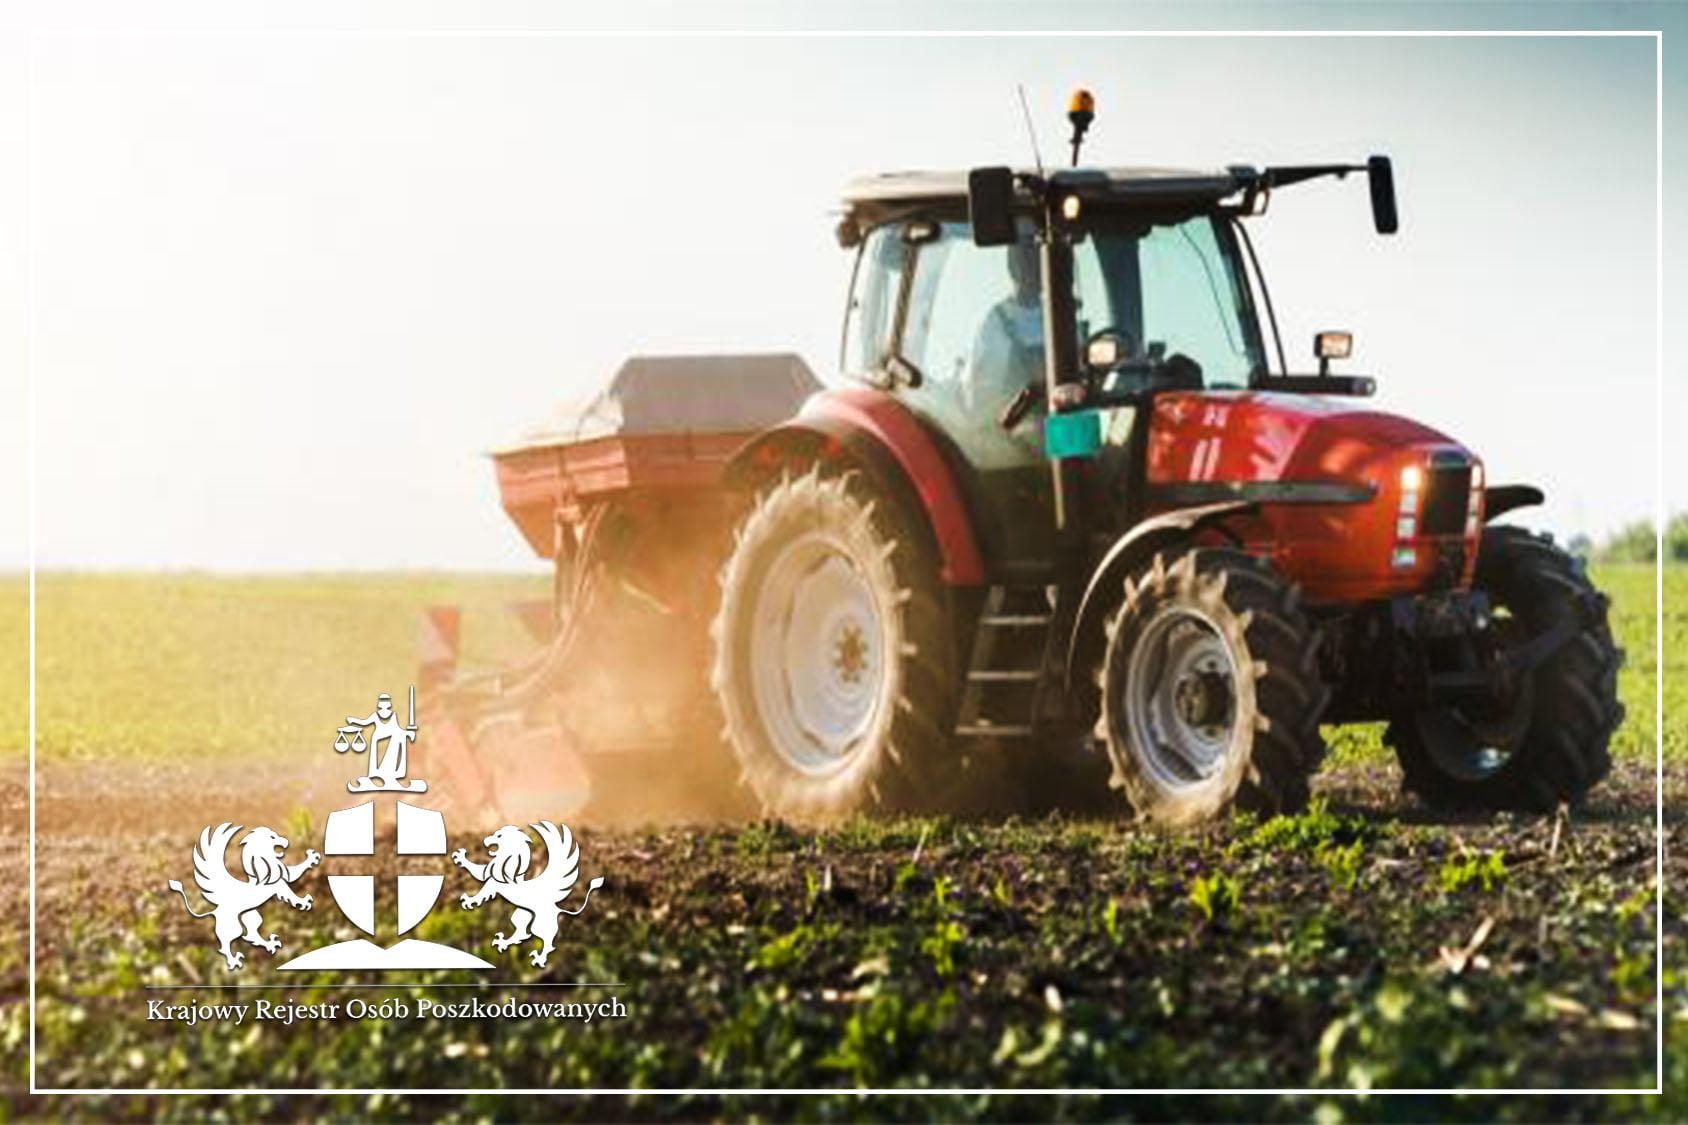 Wypadek przy pracy rolniczej odszkodowanie